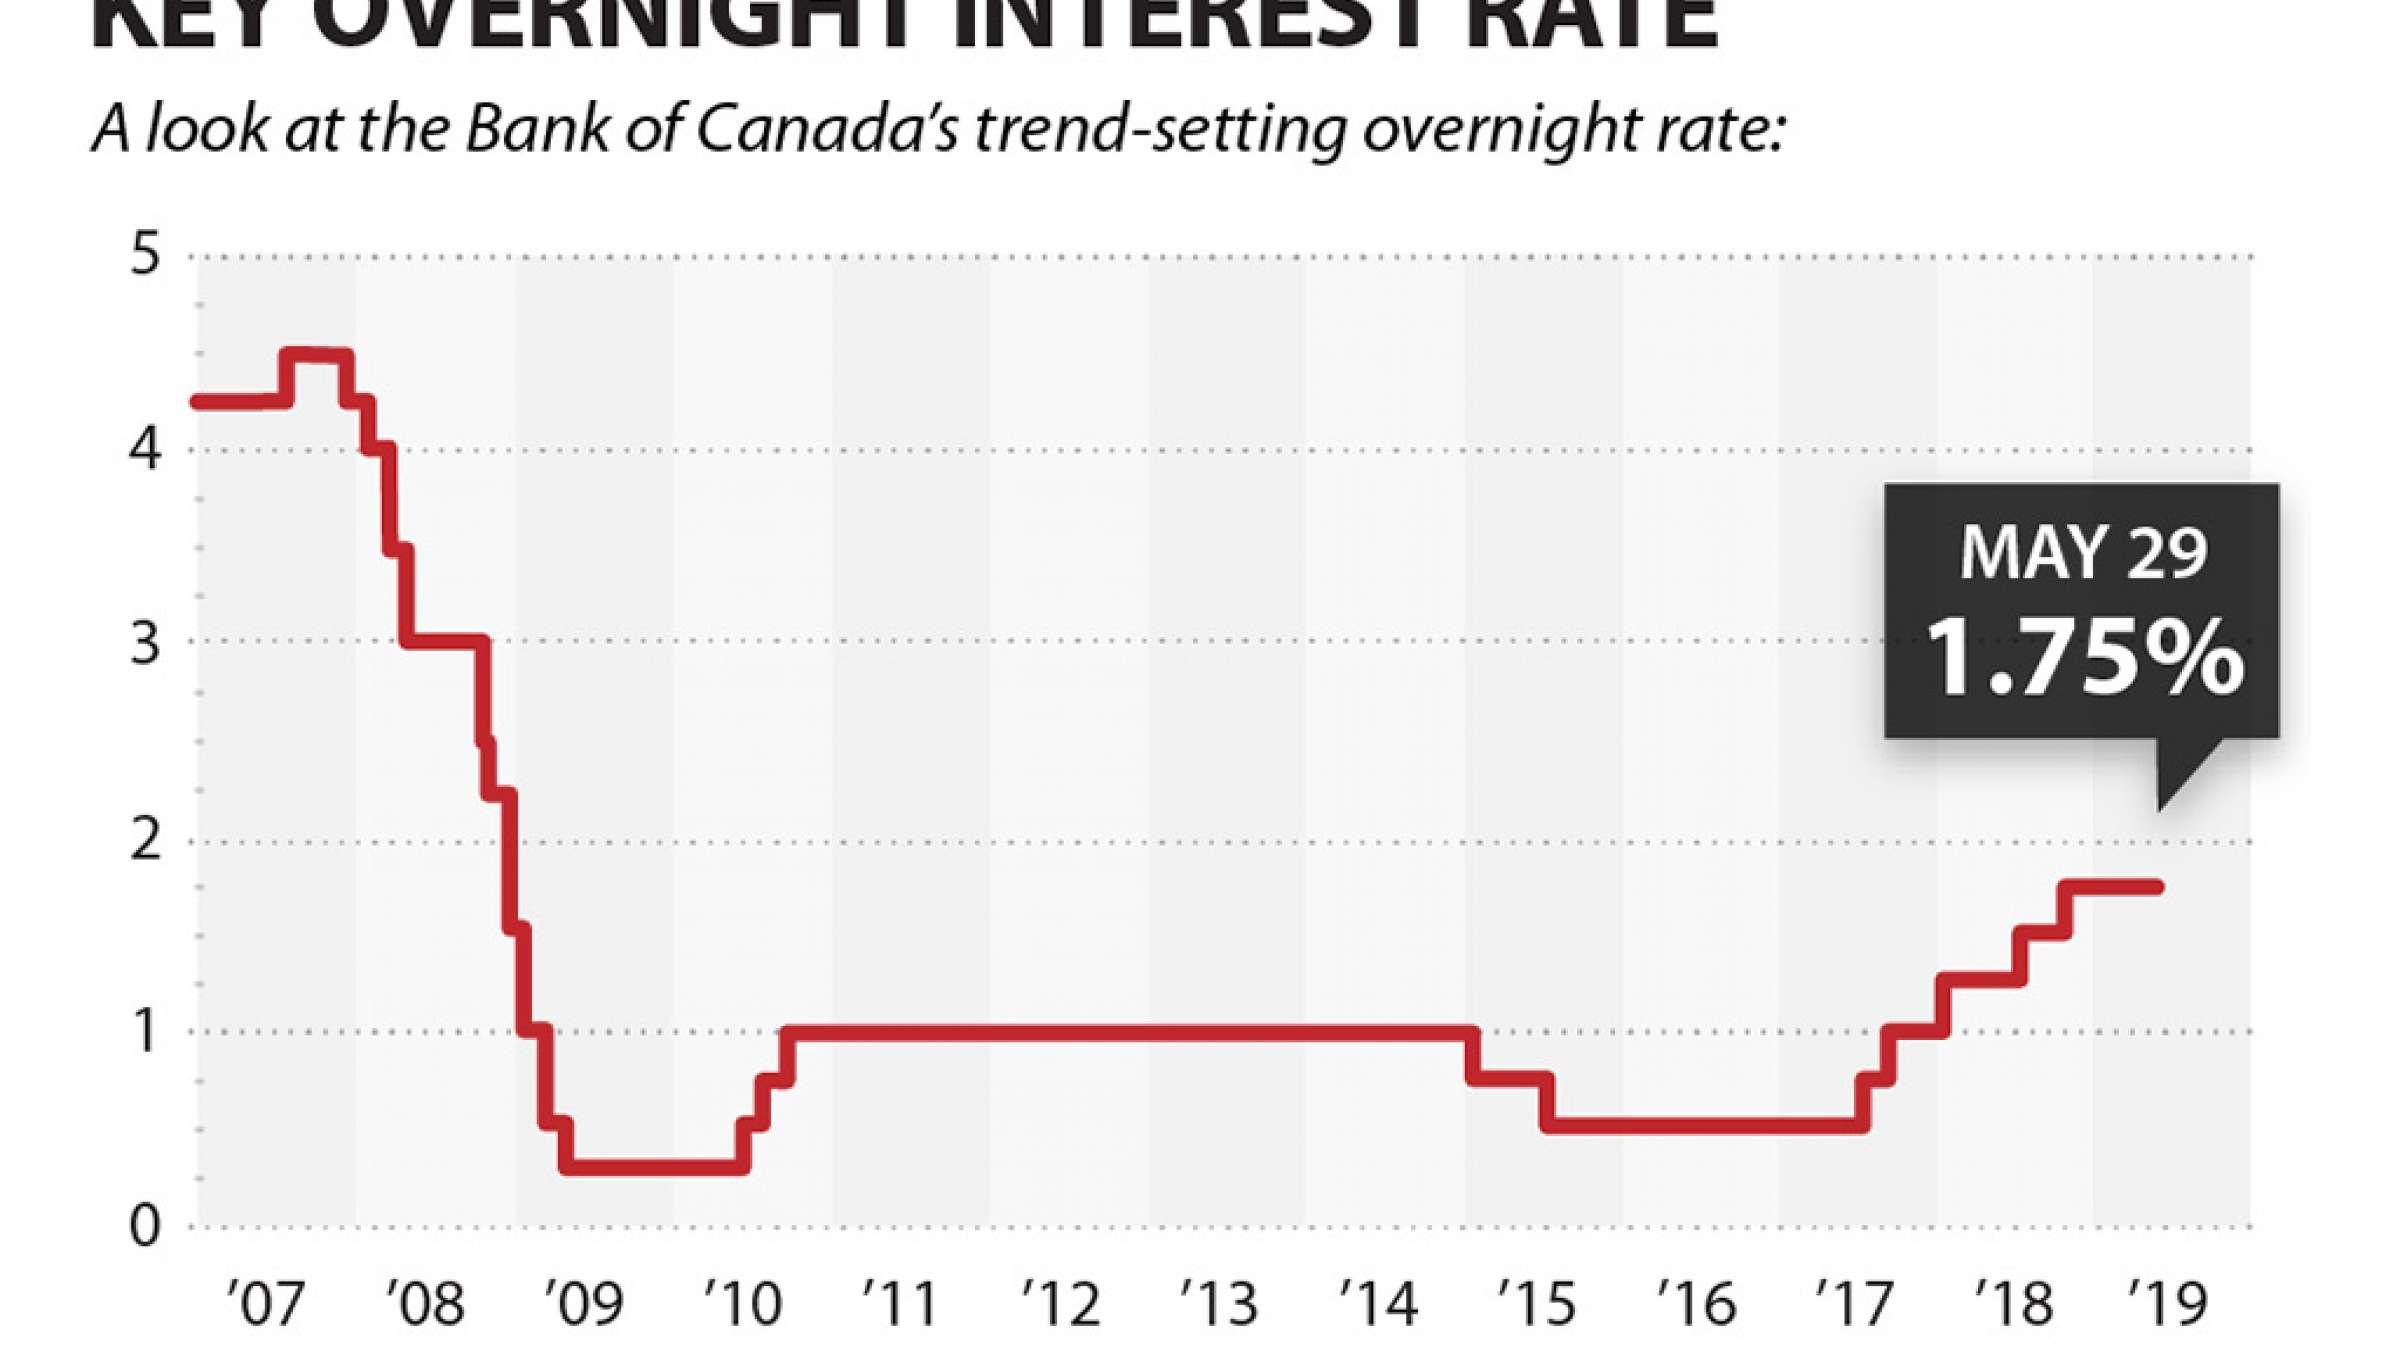 نگرانی-بانکهای-اصلی-کانادا-در-بدهیهای-مردم-و-ثابت-ماندن-نرخ-پایه-بهره-کانادا-اخبار